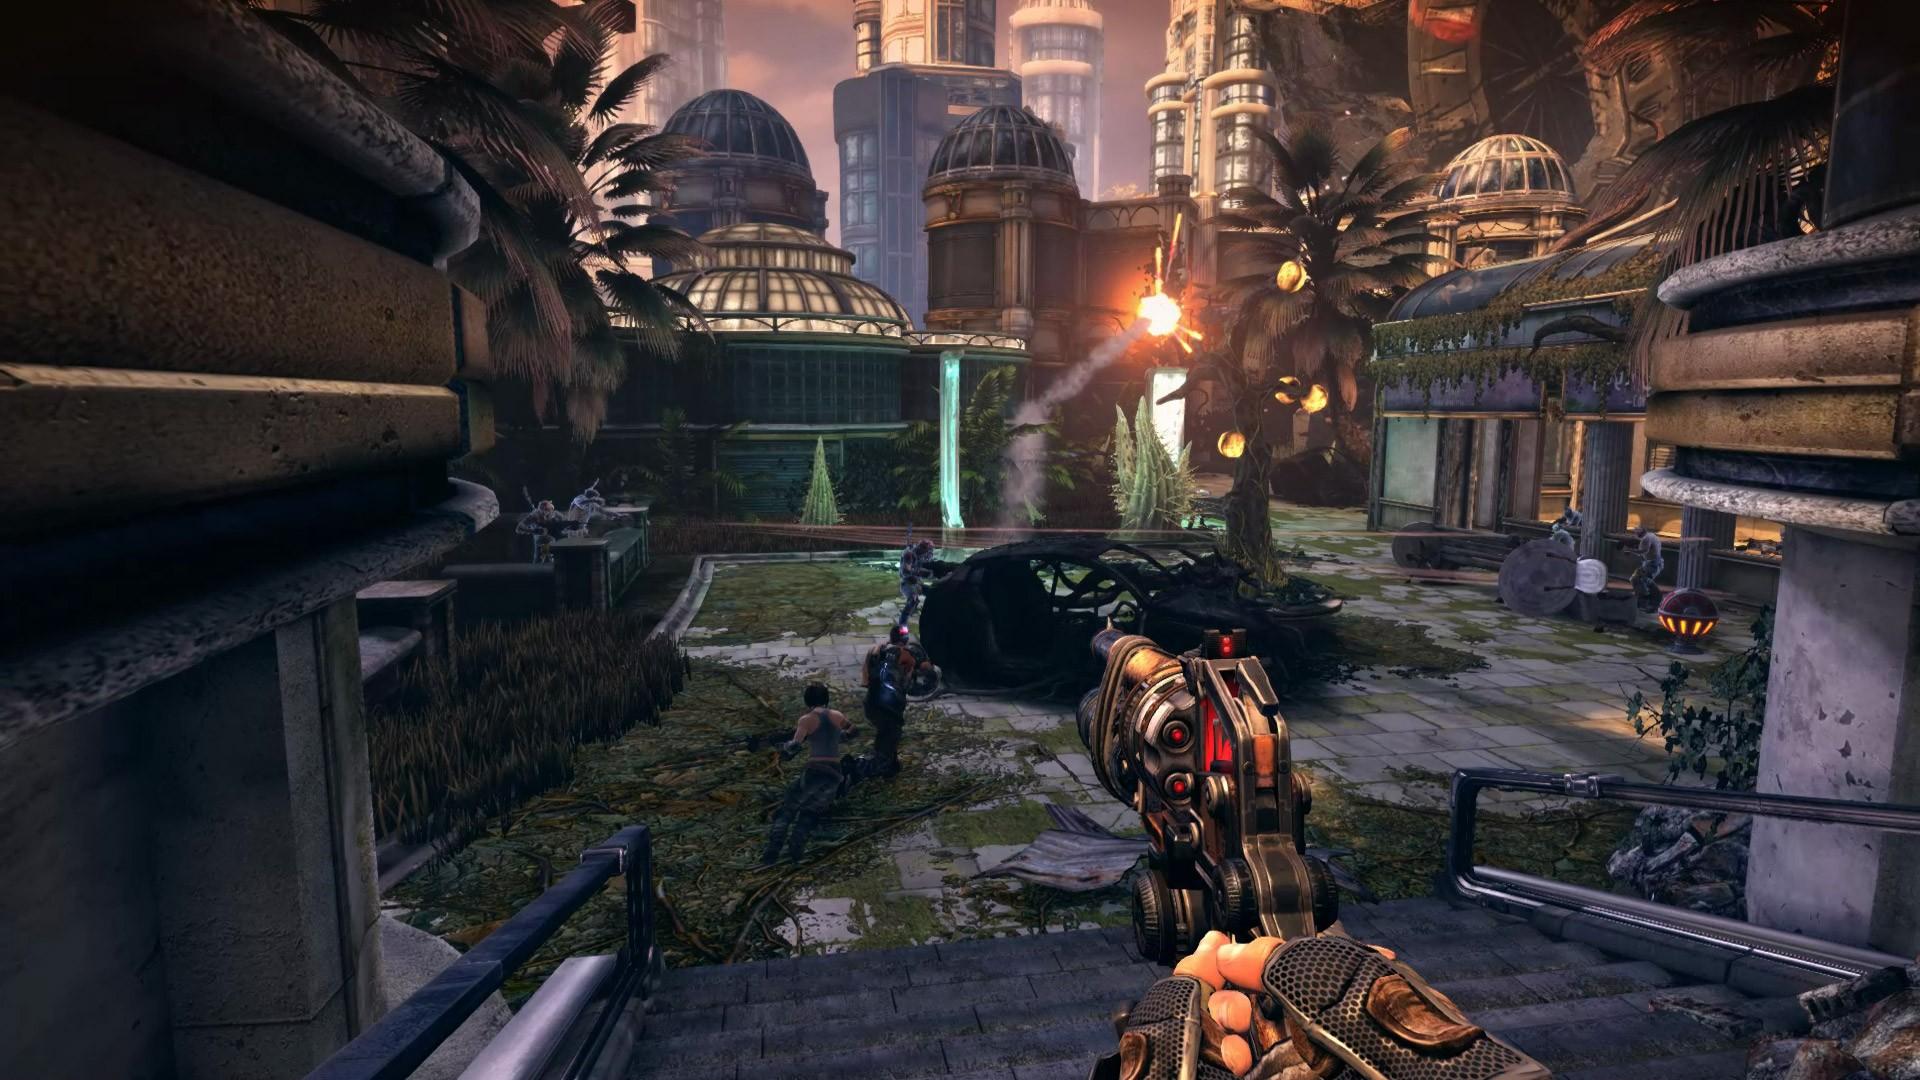 Популярные жанры онлайн игр   статьи про игры на портале mmo guider